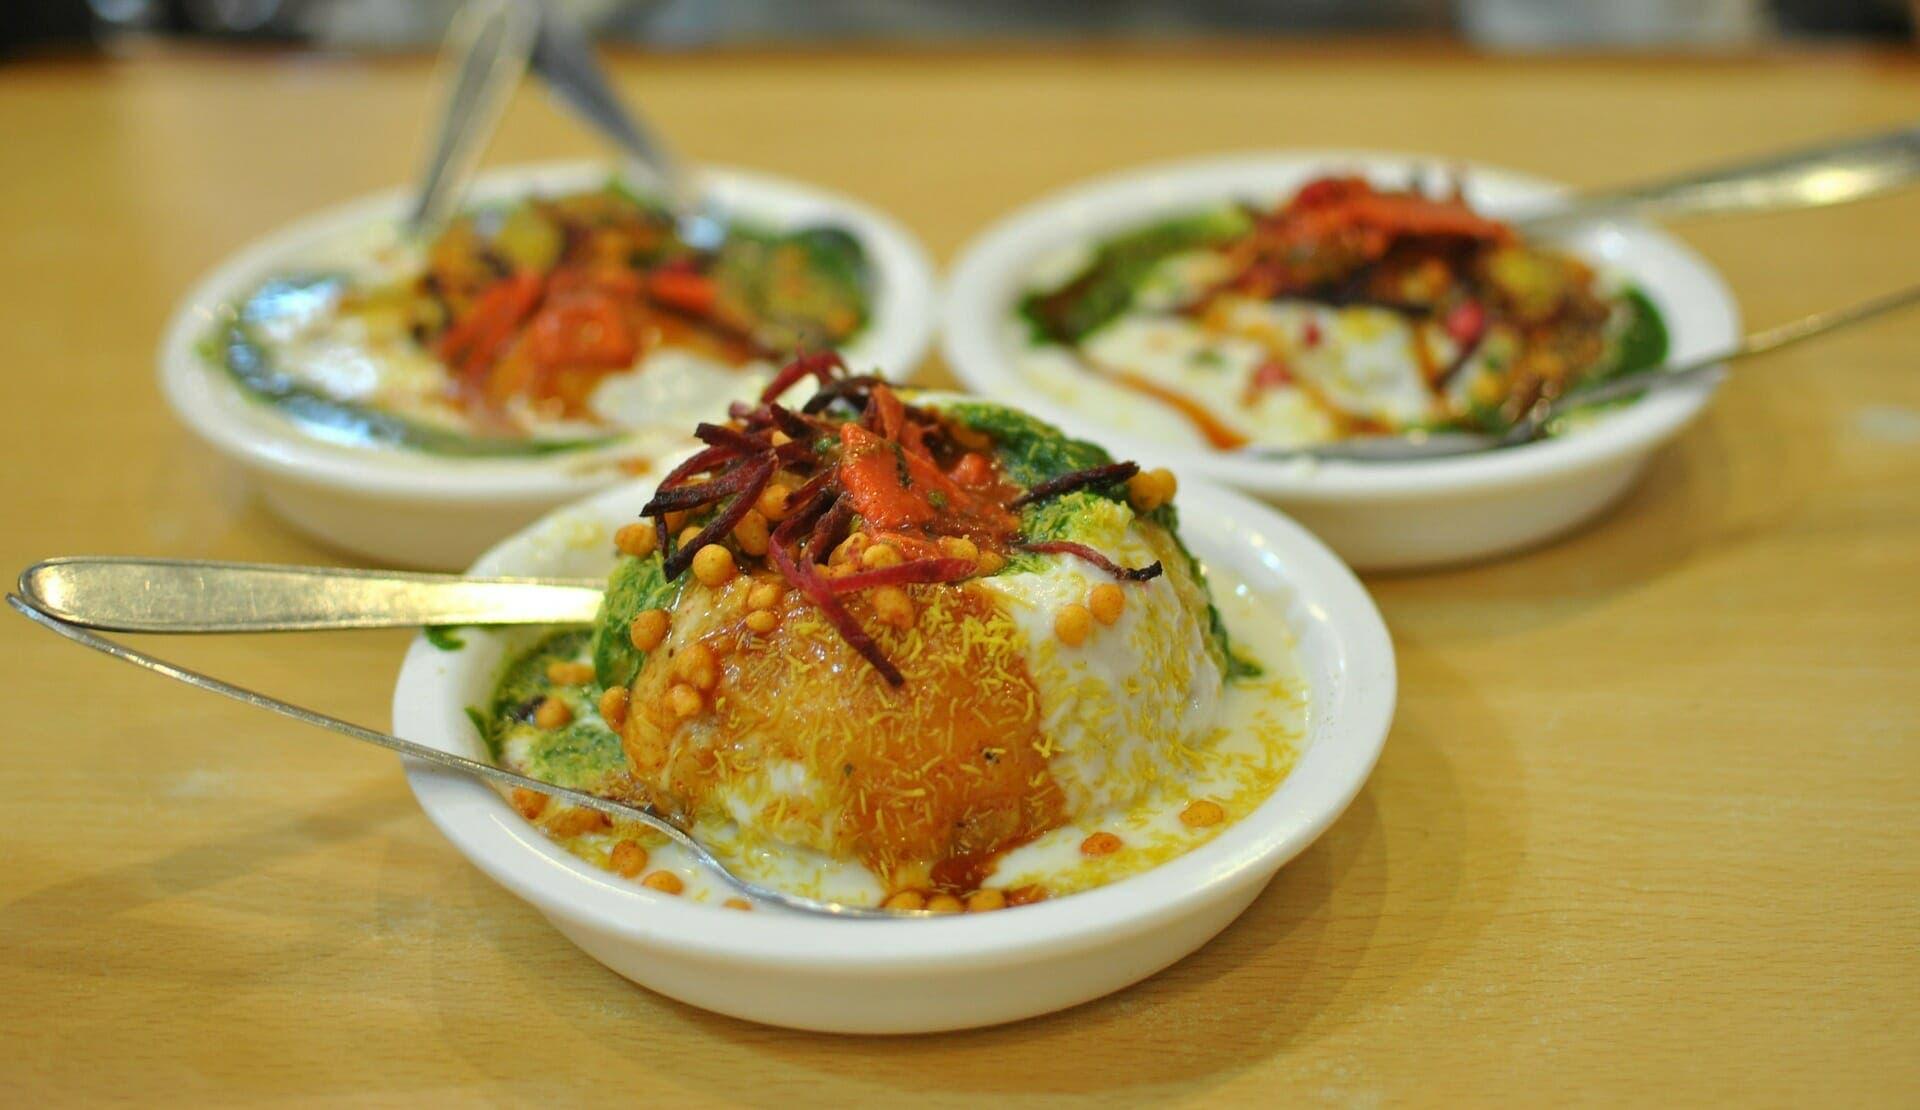 arroz o roti para bajar de peso